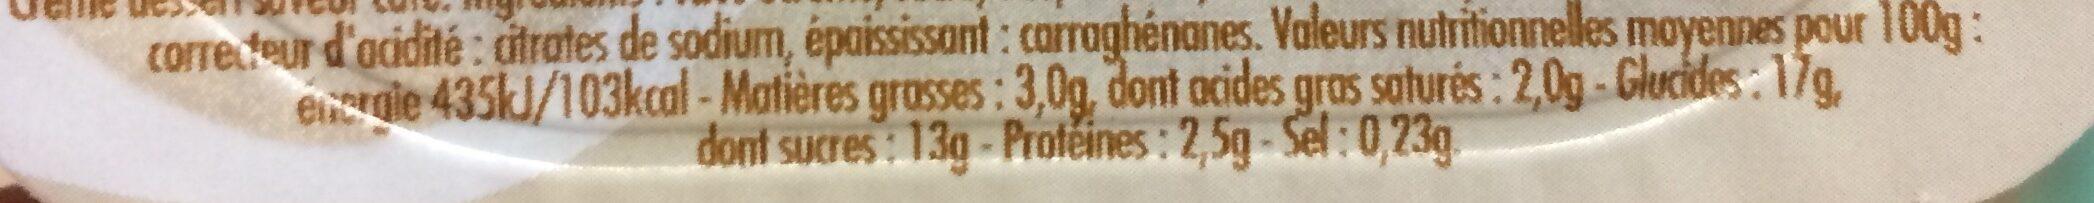 Crème dessert saveur café - Informations nutritionnelles - fr